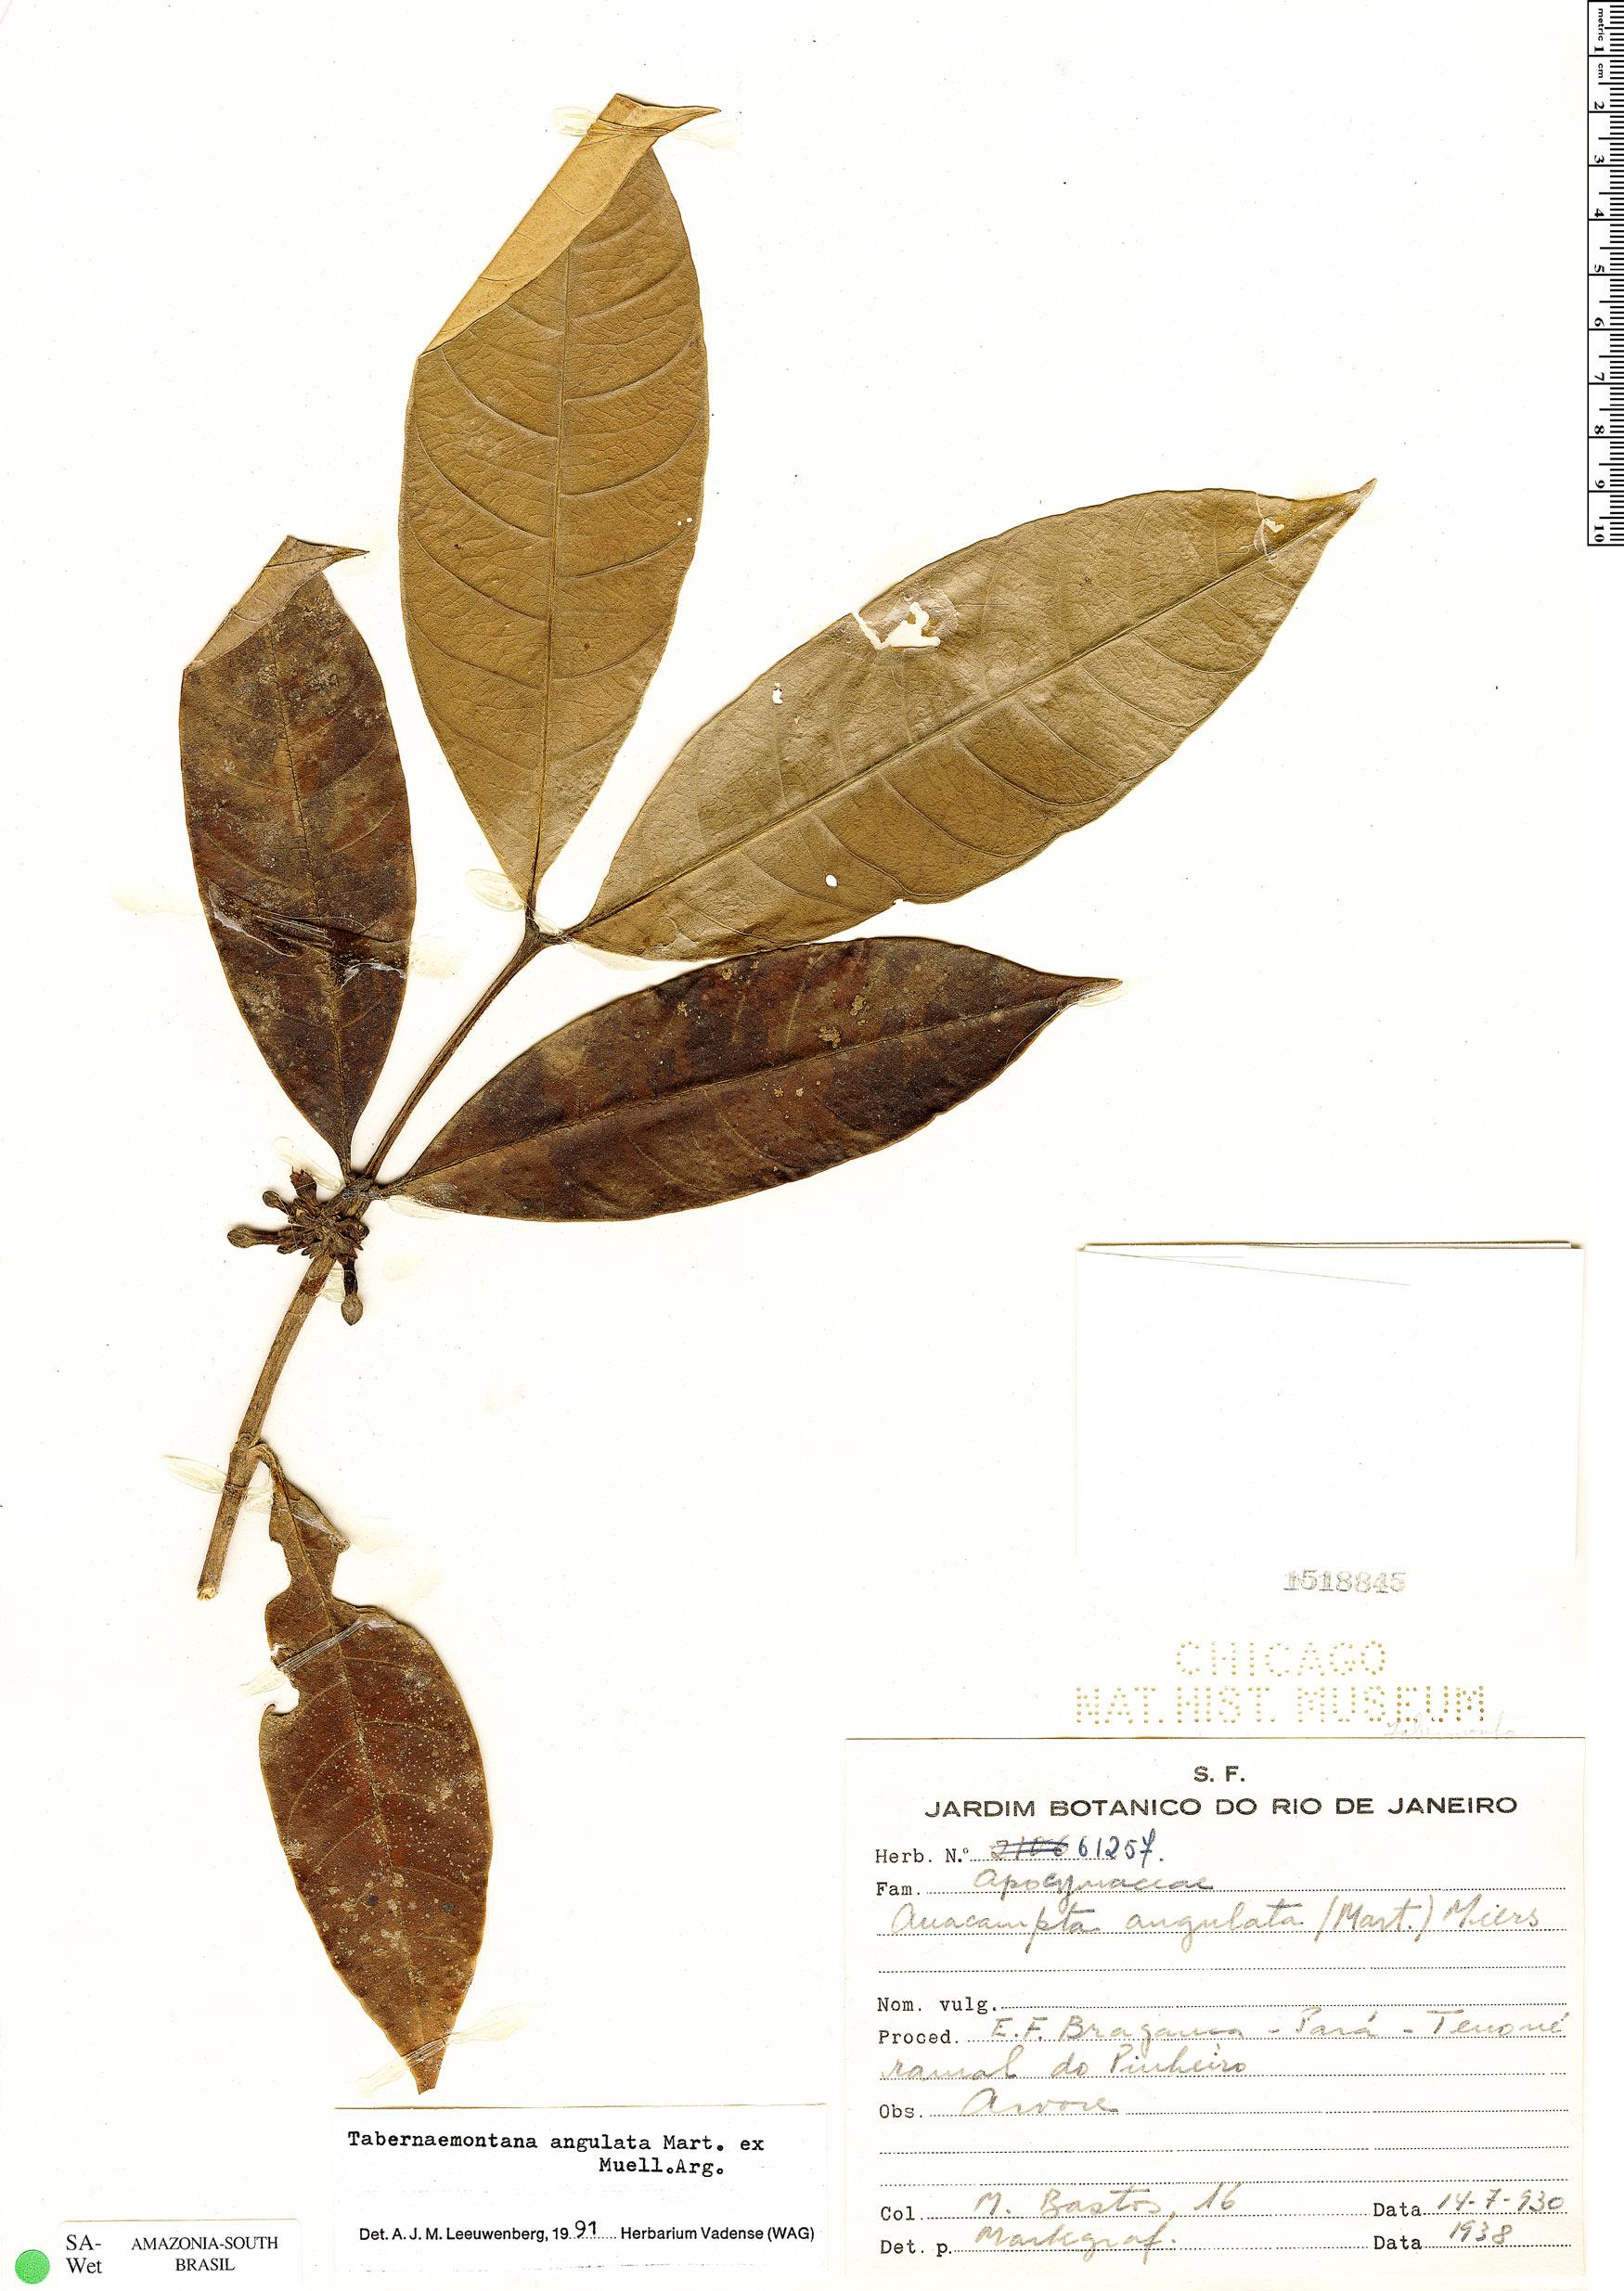 Specimen: Tabernaemontana angulata